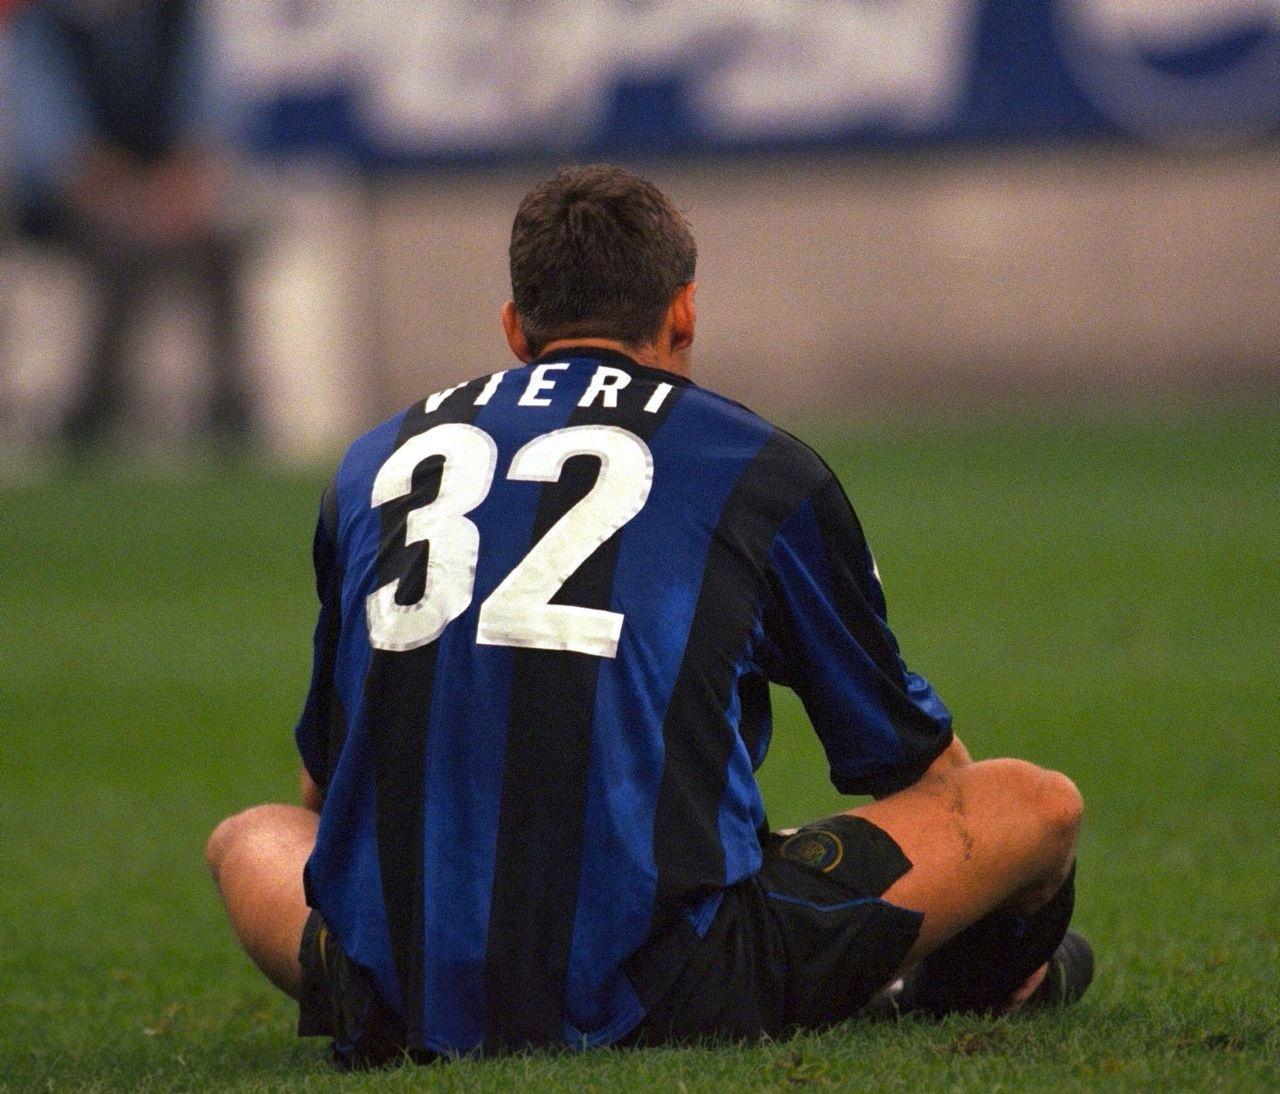 Christian Vieri Soccer Legends Pinterest